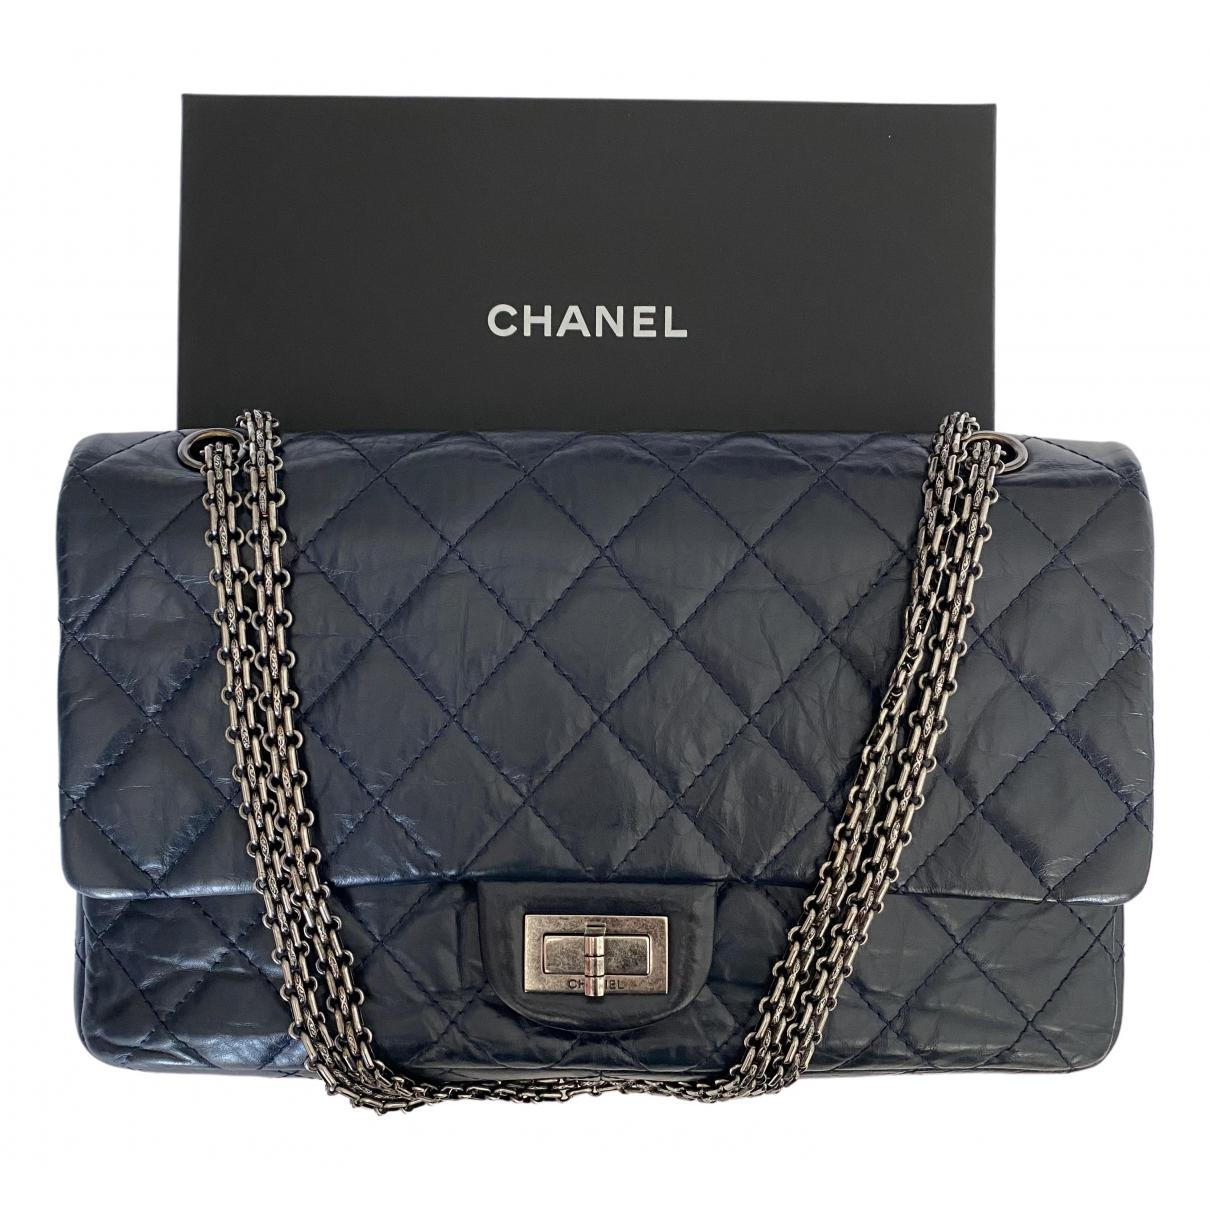 Chanel 2.55 Handtasche in  Marine Leder